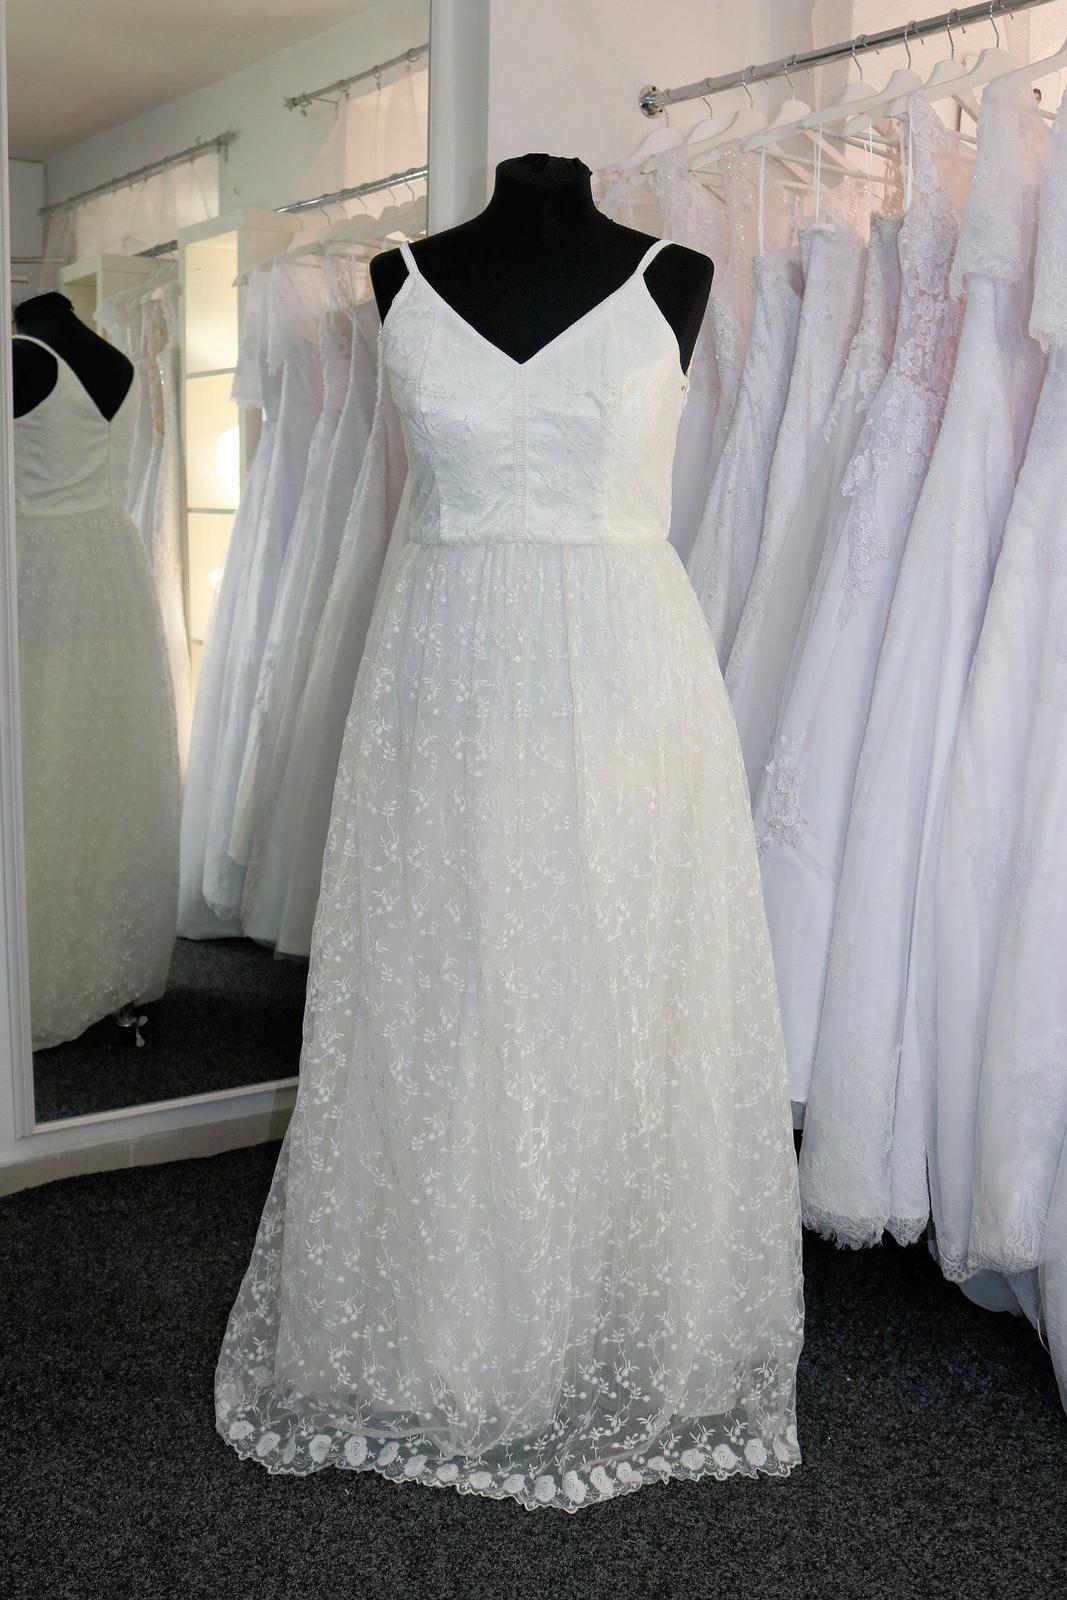 Nové svatební šaty boho vel. 42 - Obrázek č. 1